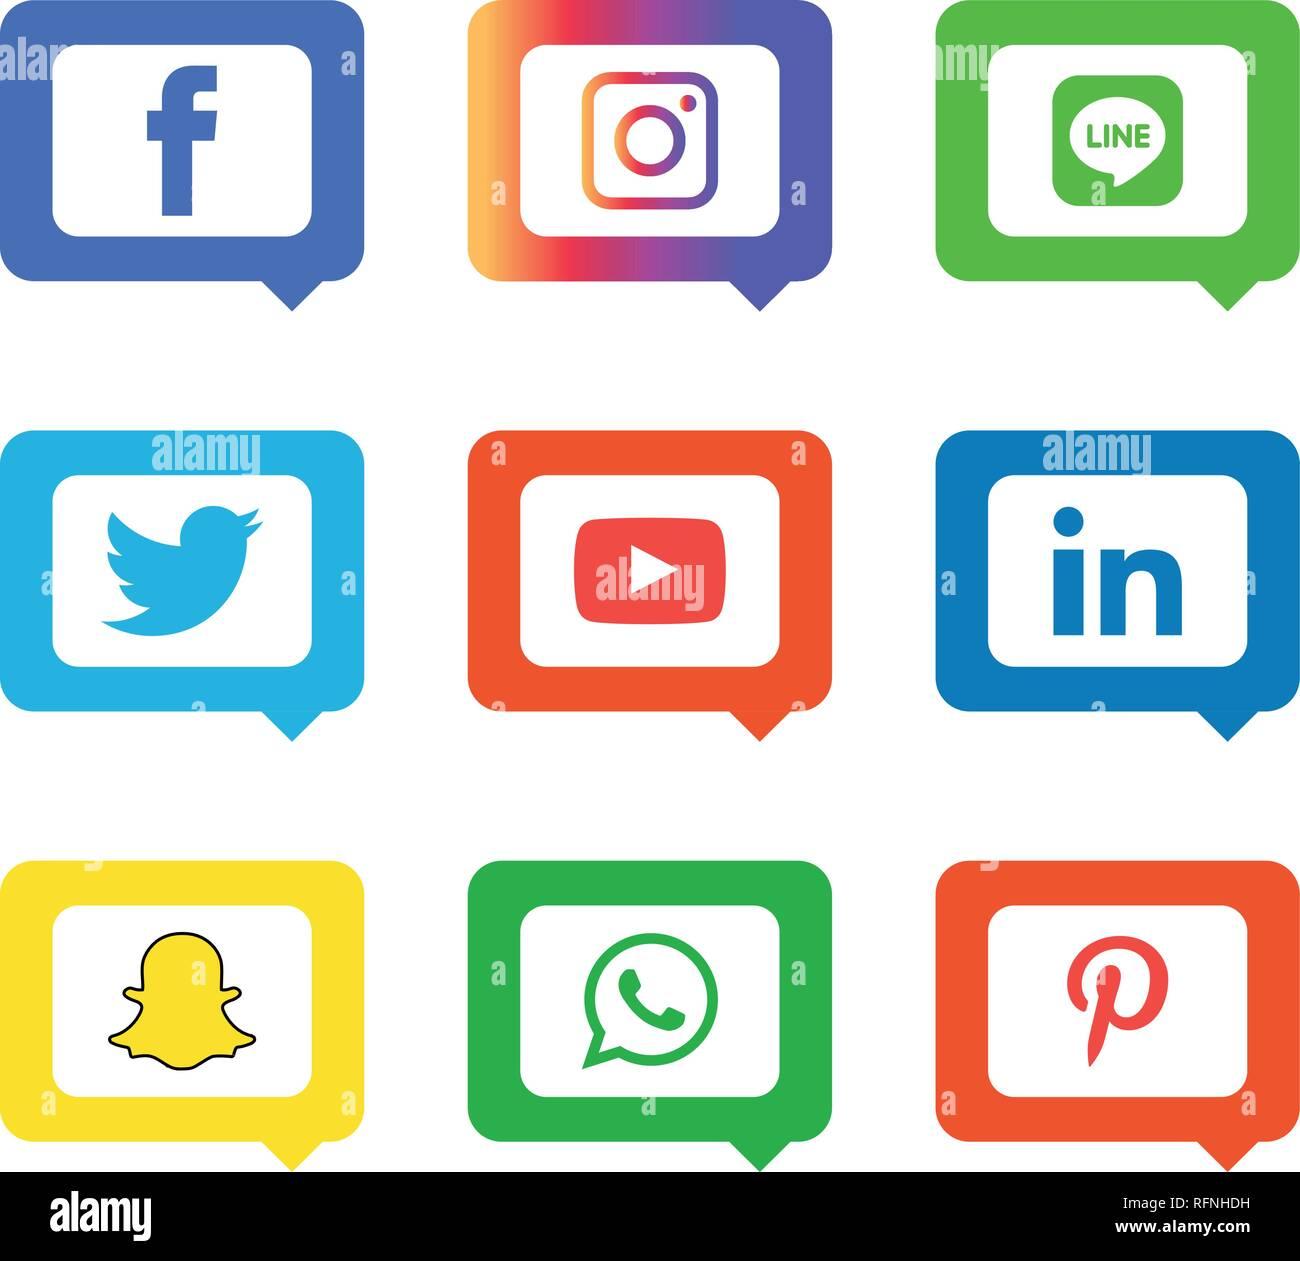 Vectores De Icono De Pinterest Vectores Imágenes De Stock Vectores